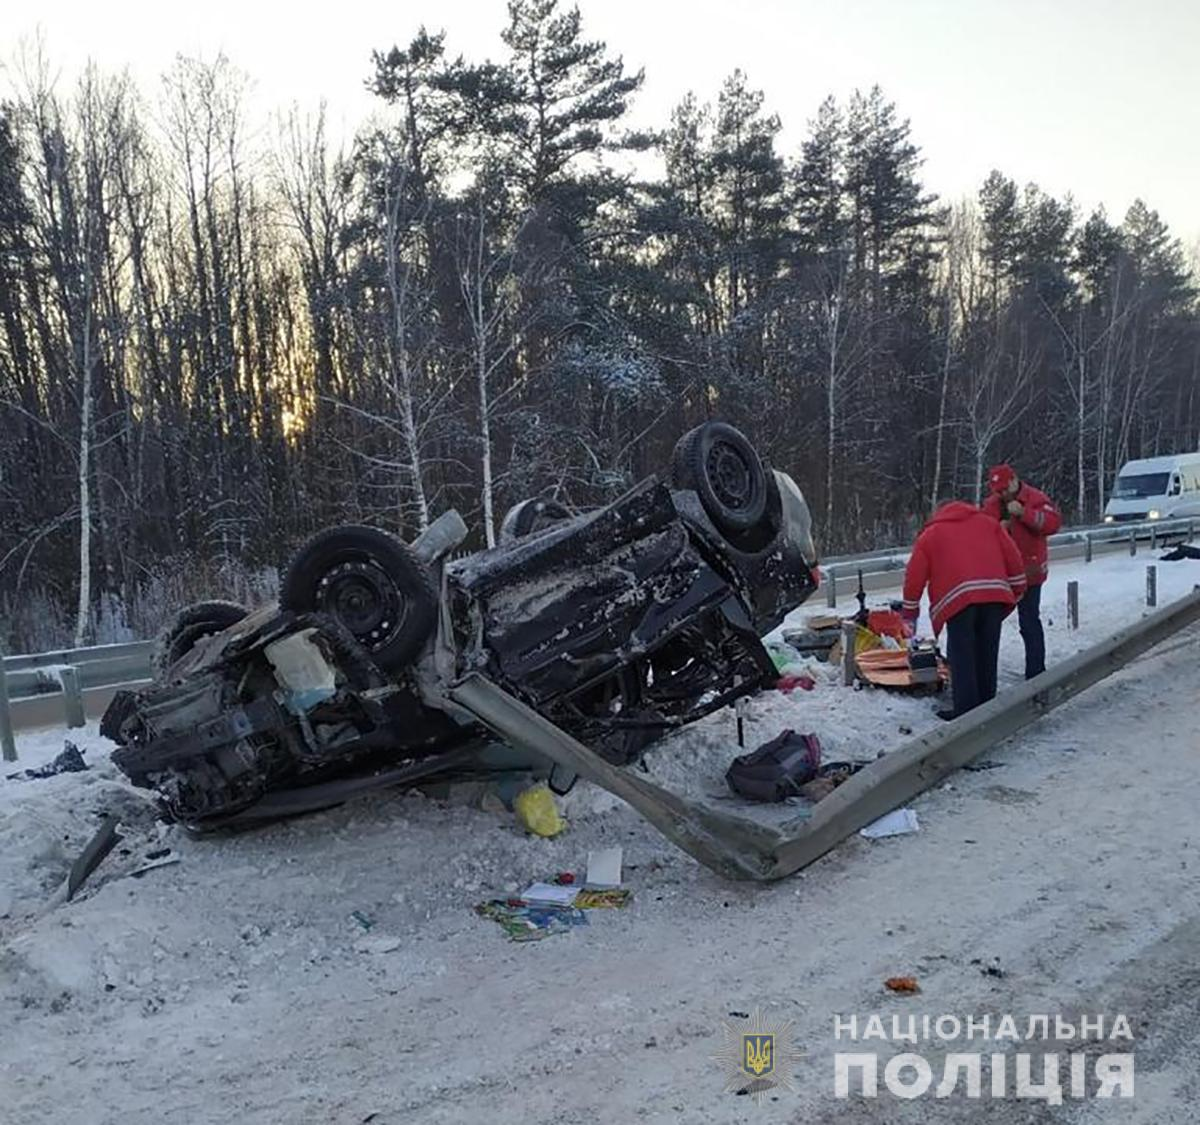 В Житомирской области произошло страшное ДТП: погибла женщина, пострадали двое маленьких детей - today.ua